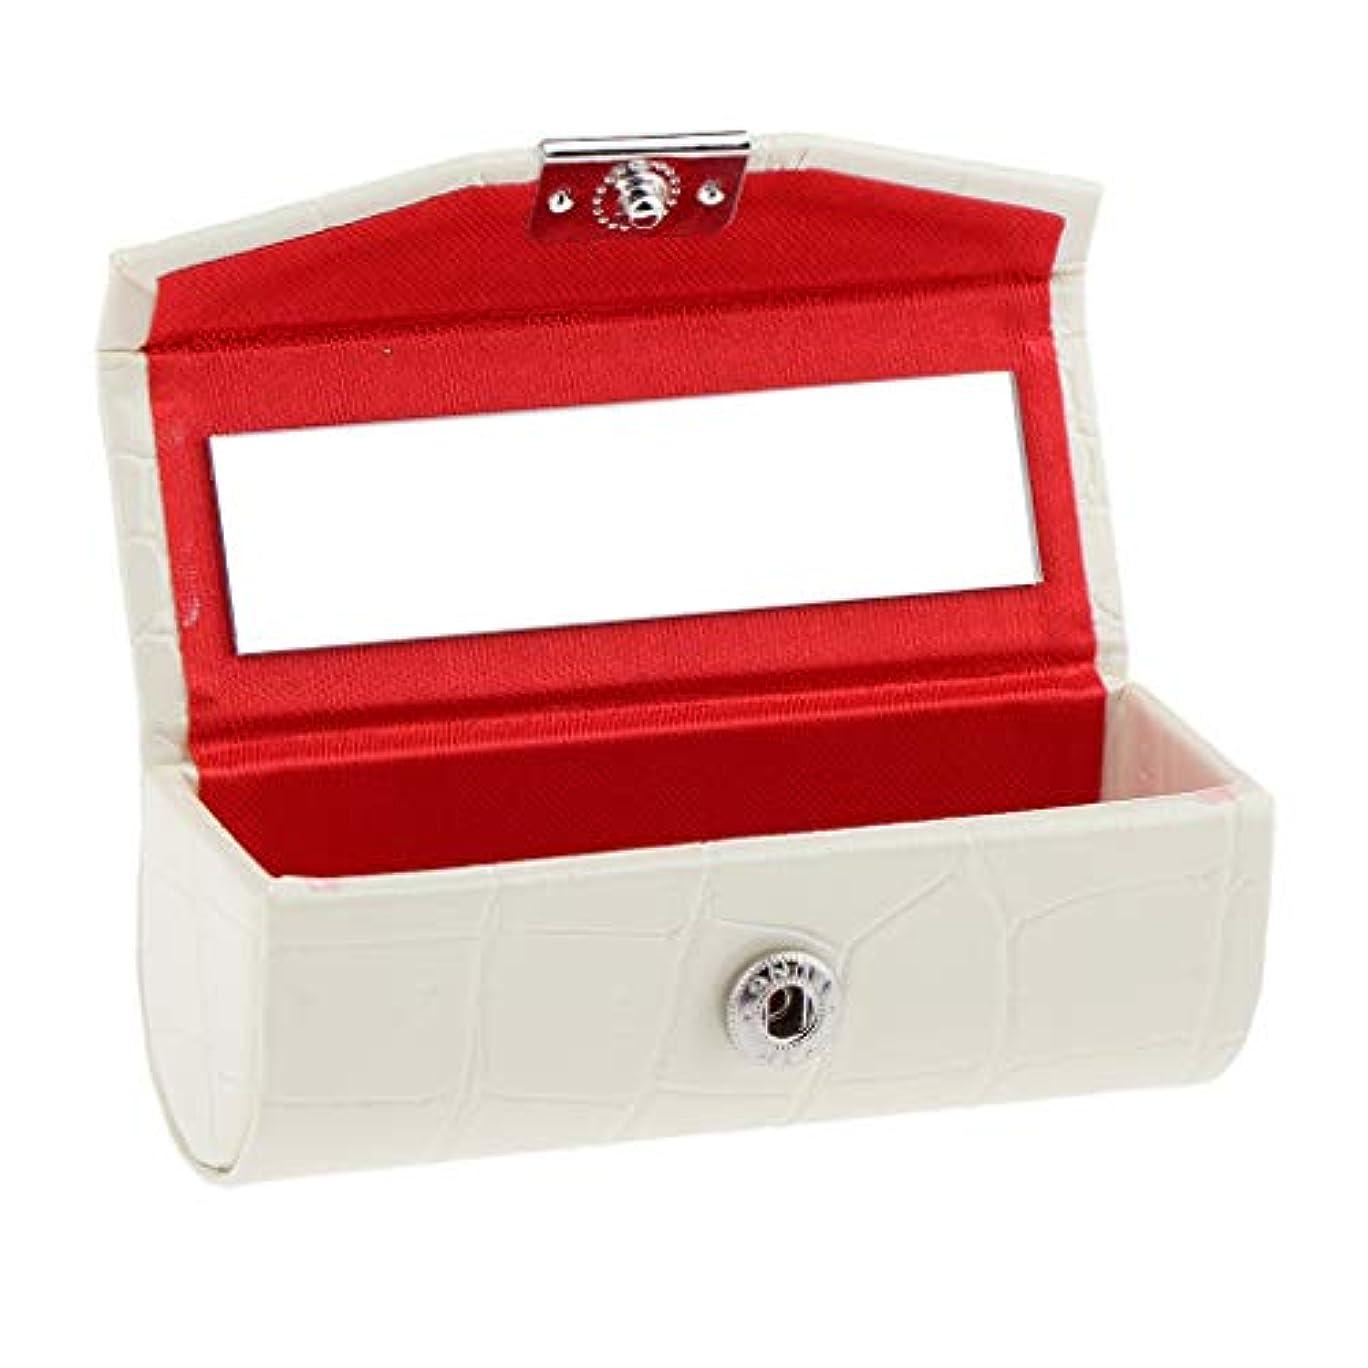 ラッチ酸度者IPOTCH レザー リップスティックケース 口紅ホルダー ミラー 収納ボックス 多色選べ - 白